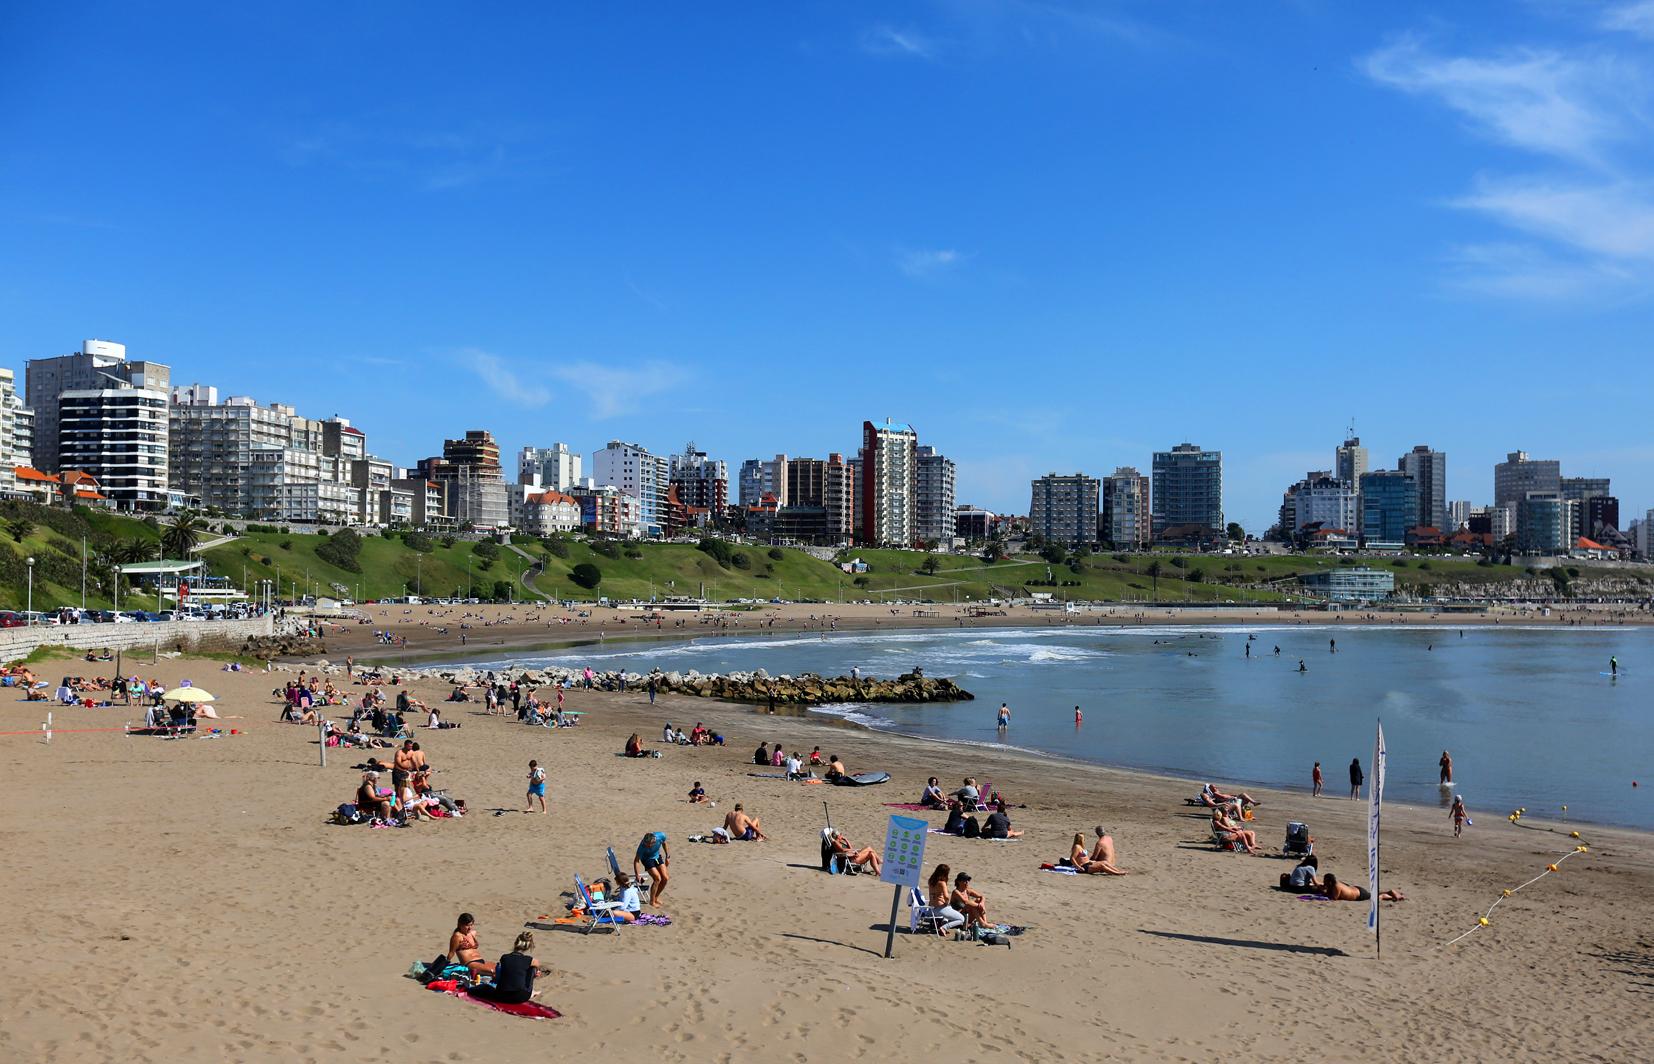 Reactivación turística: Mar del Plata recibió 62.817 turistas durante el fin de semana